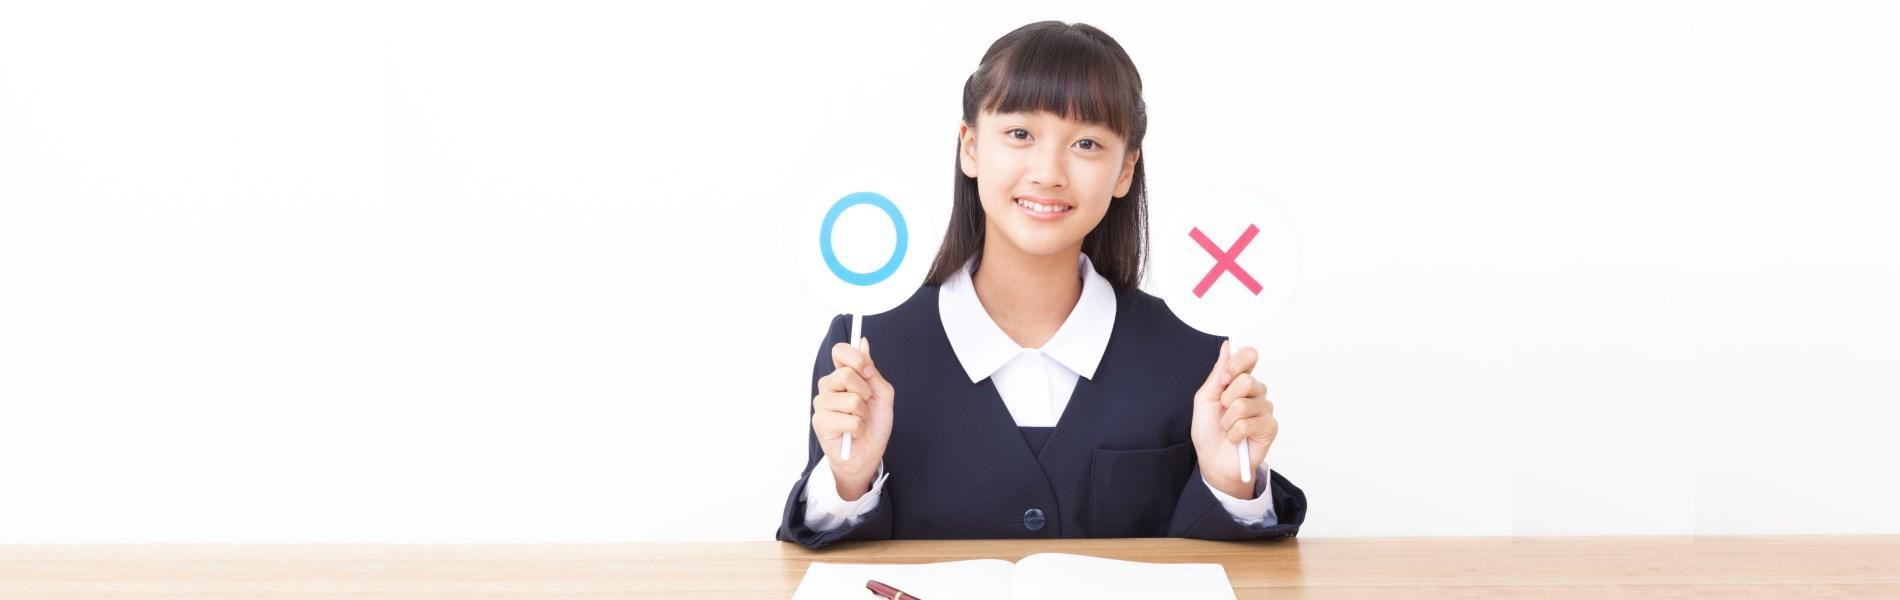 なぜ勉強するだけでは学力が上がらないのか?その理由は、学力の土台にありました。